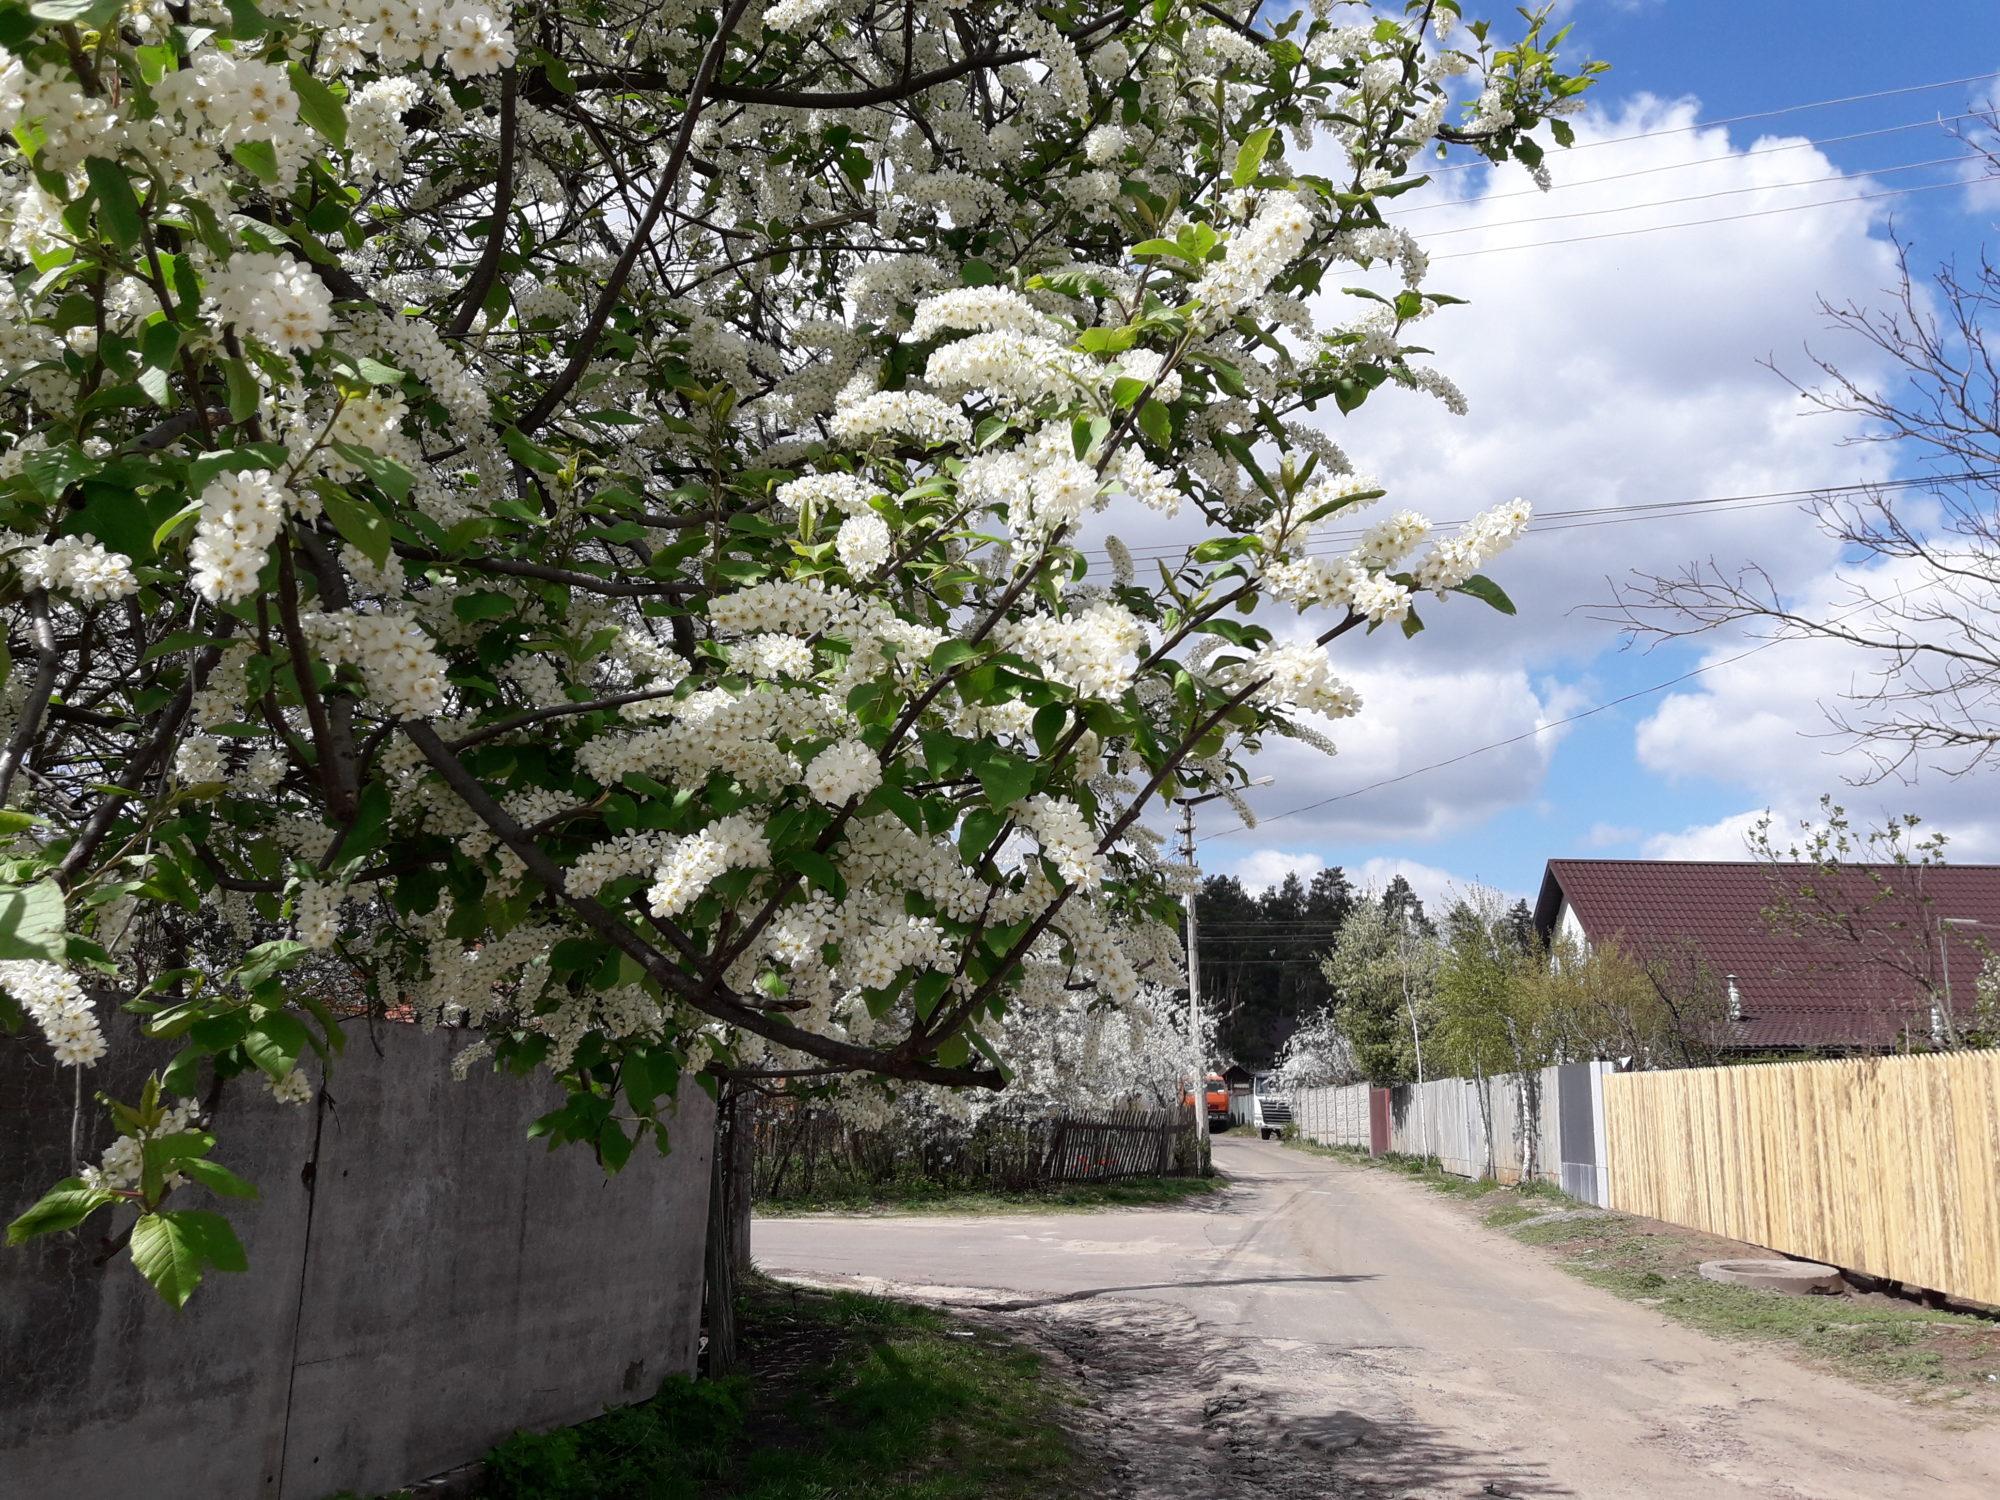 Ірпінь квітне: у місті настає пік цвітіння дерев та кущів (ФОТО) -  - 20200427 124138 2000x1500